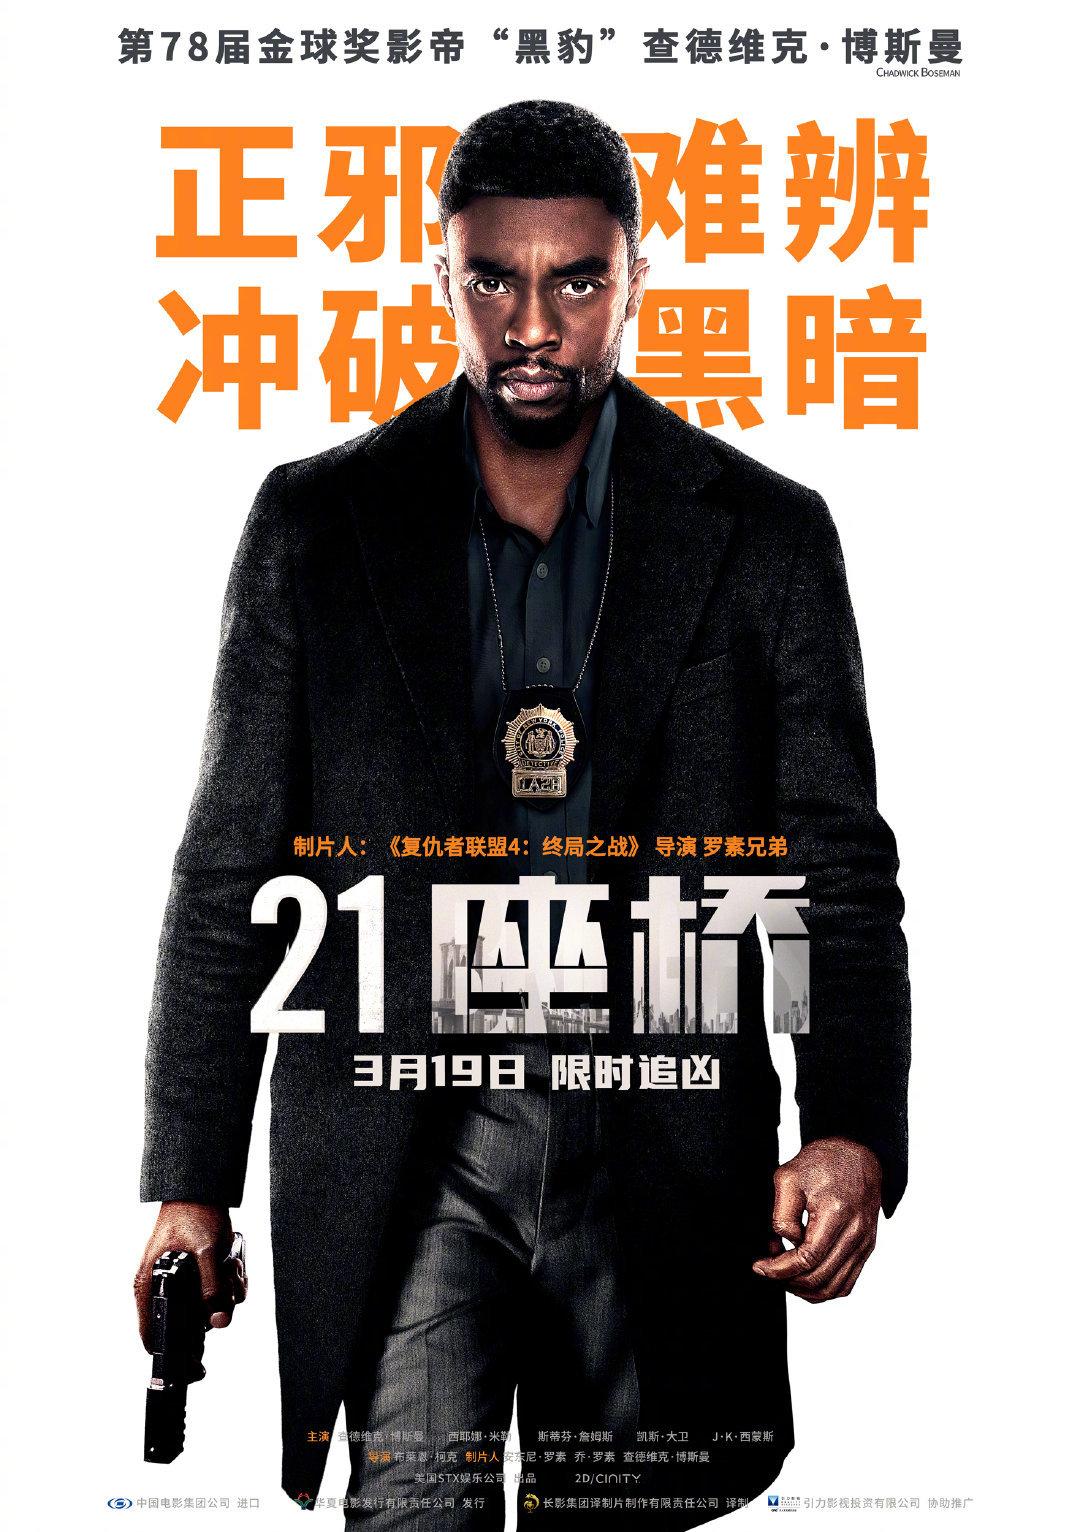 黑豹主演《21座桥》国内定档 3月19日院线上映